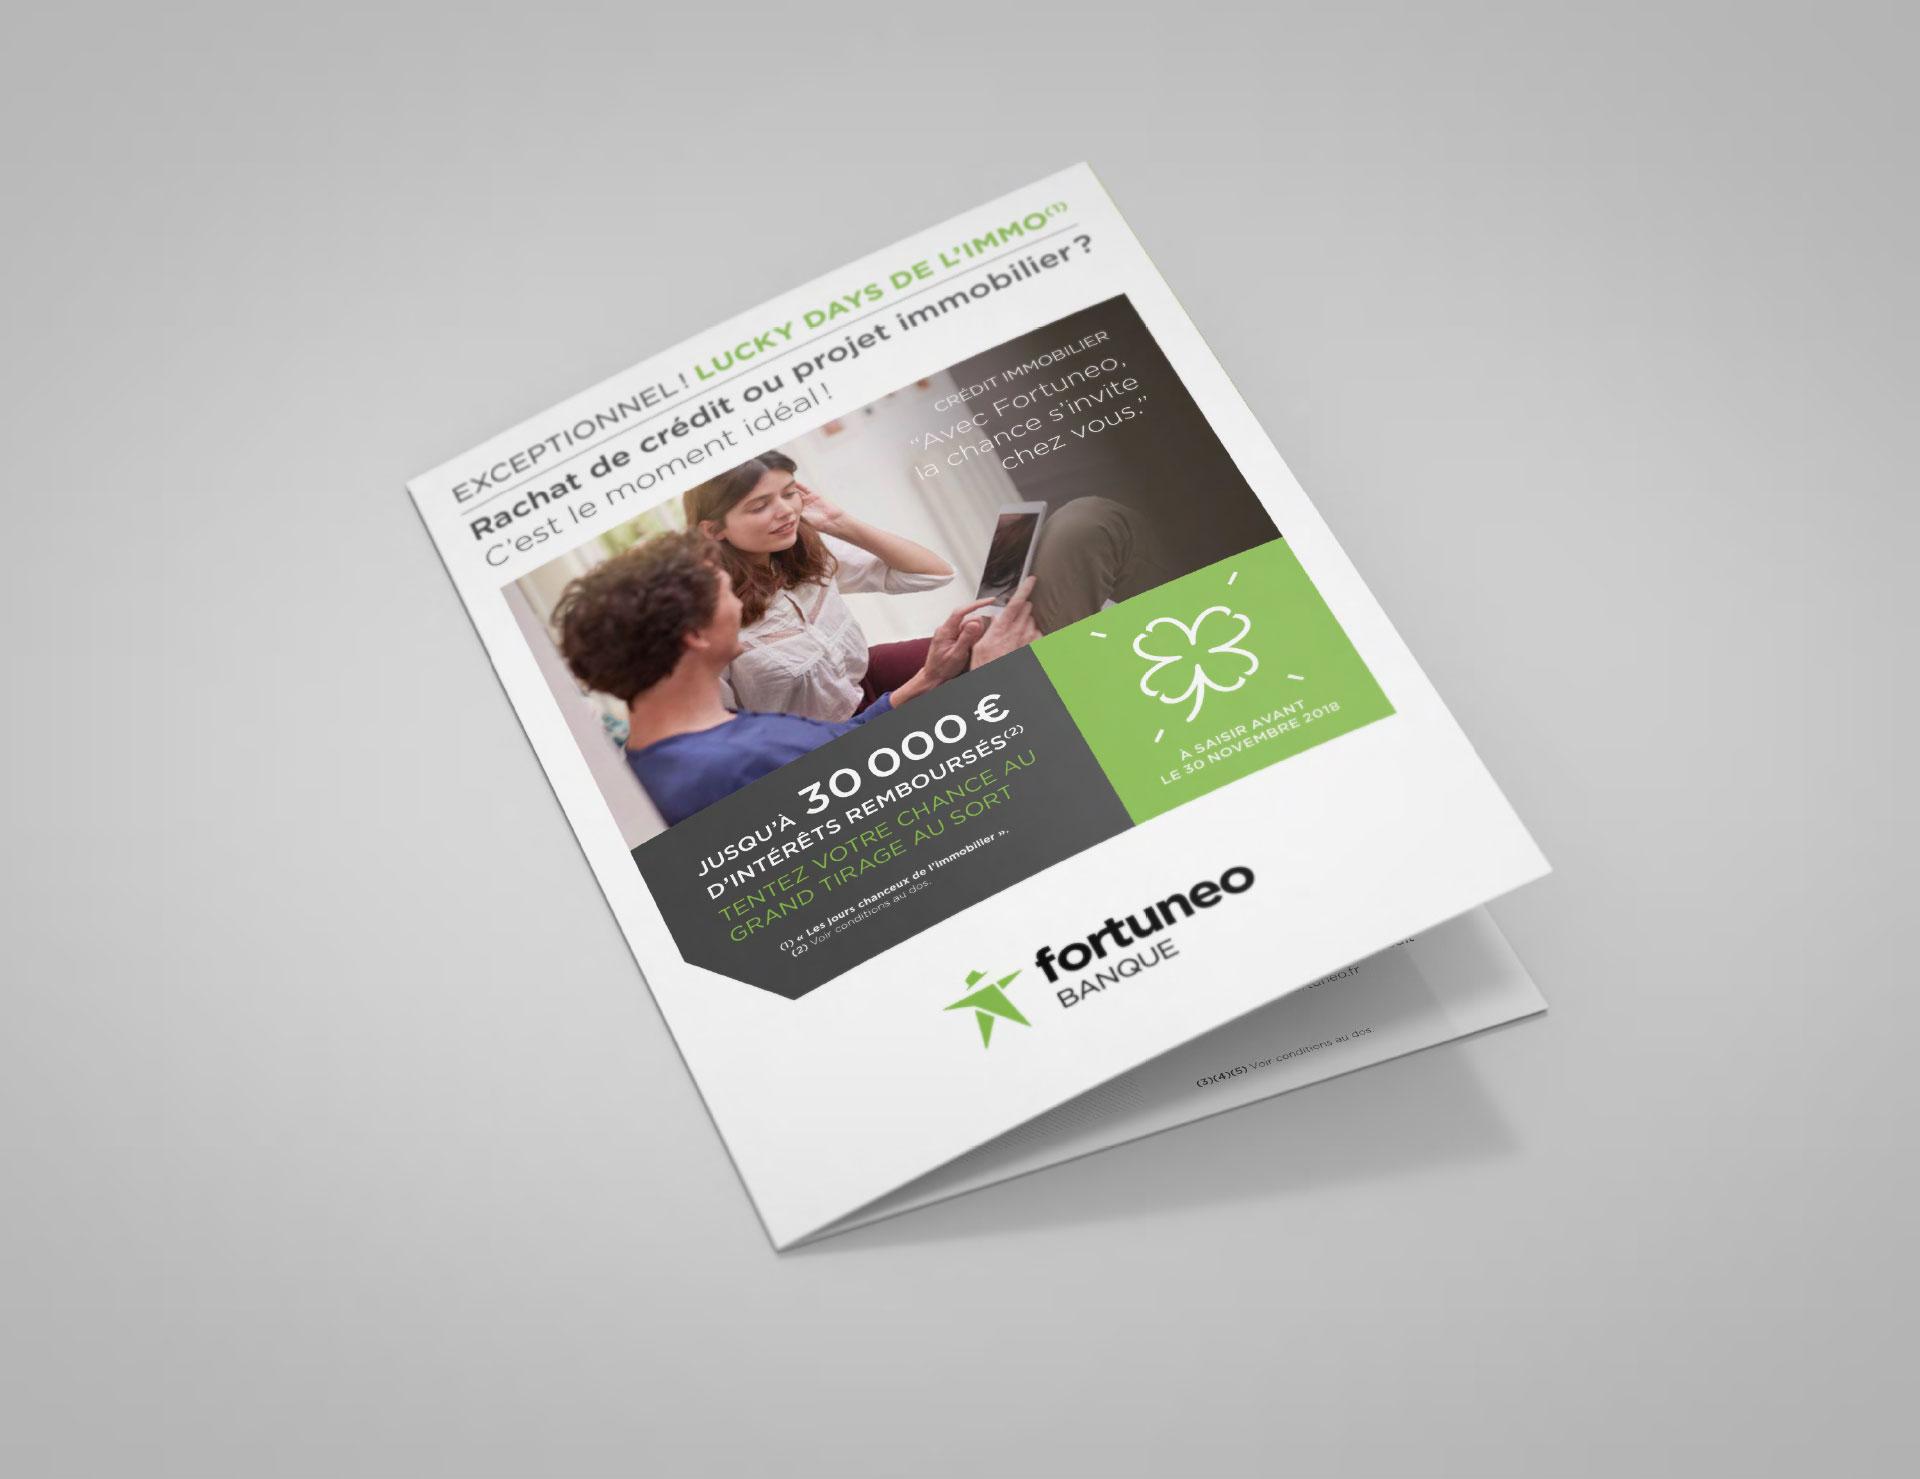 Marketing direct Crédit immobilier Fortuneo - couverture - Cmondada Design